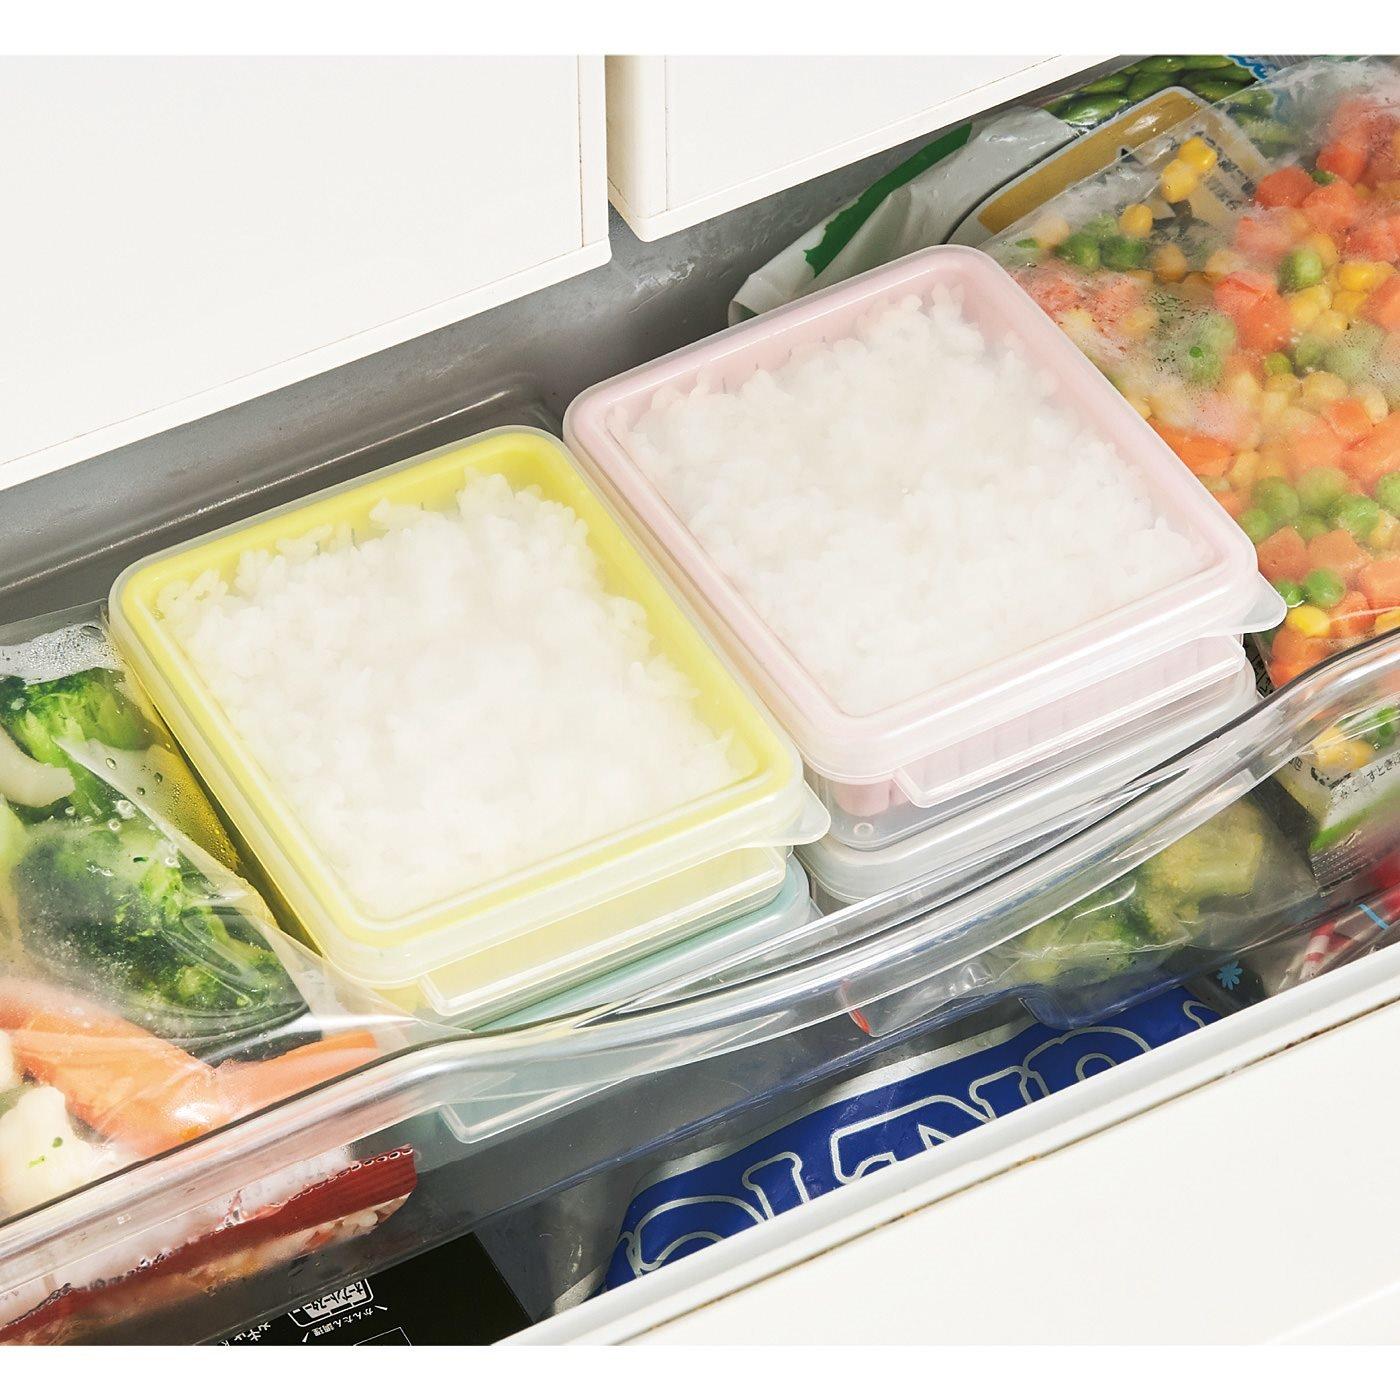 ざるの効果でご飯ふっくら 小分けが便利なスモーキーカラーの冷凍レンジ容器の会